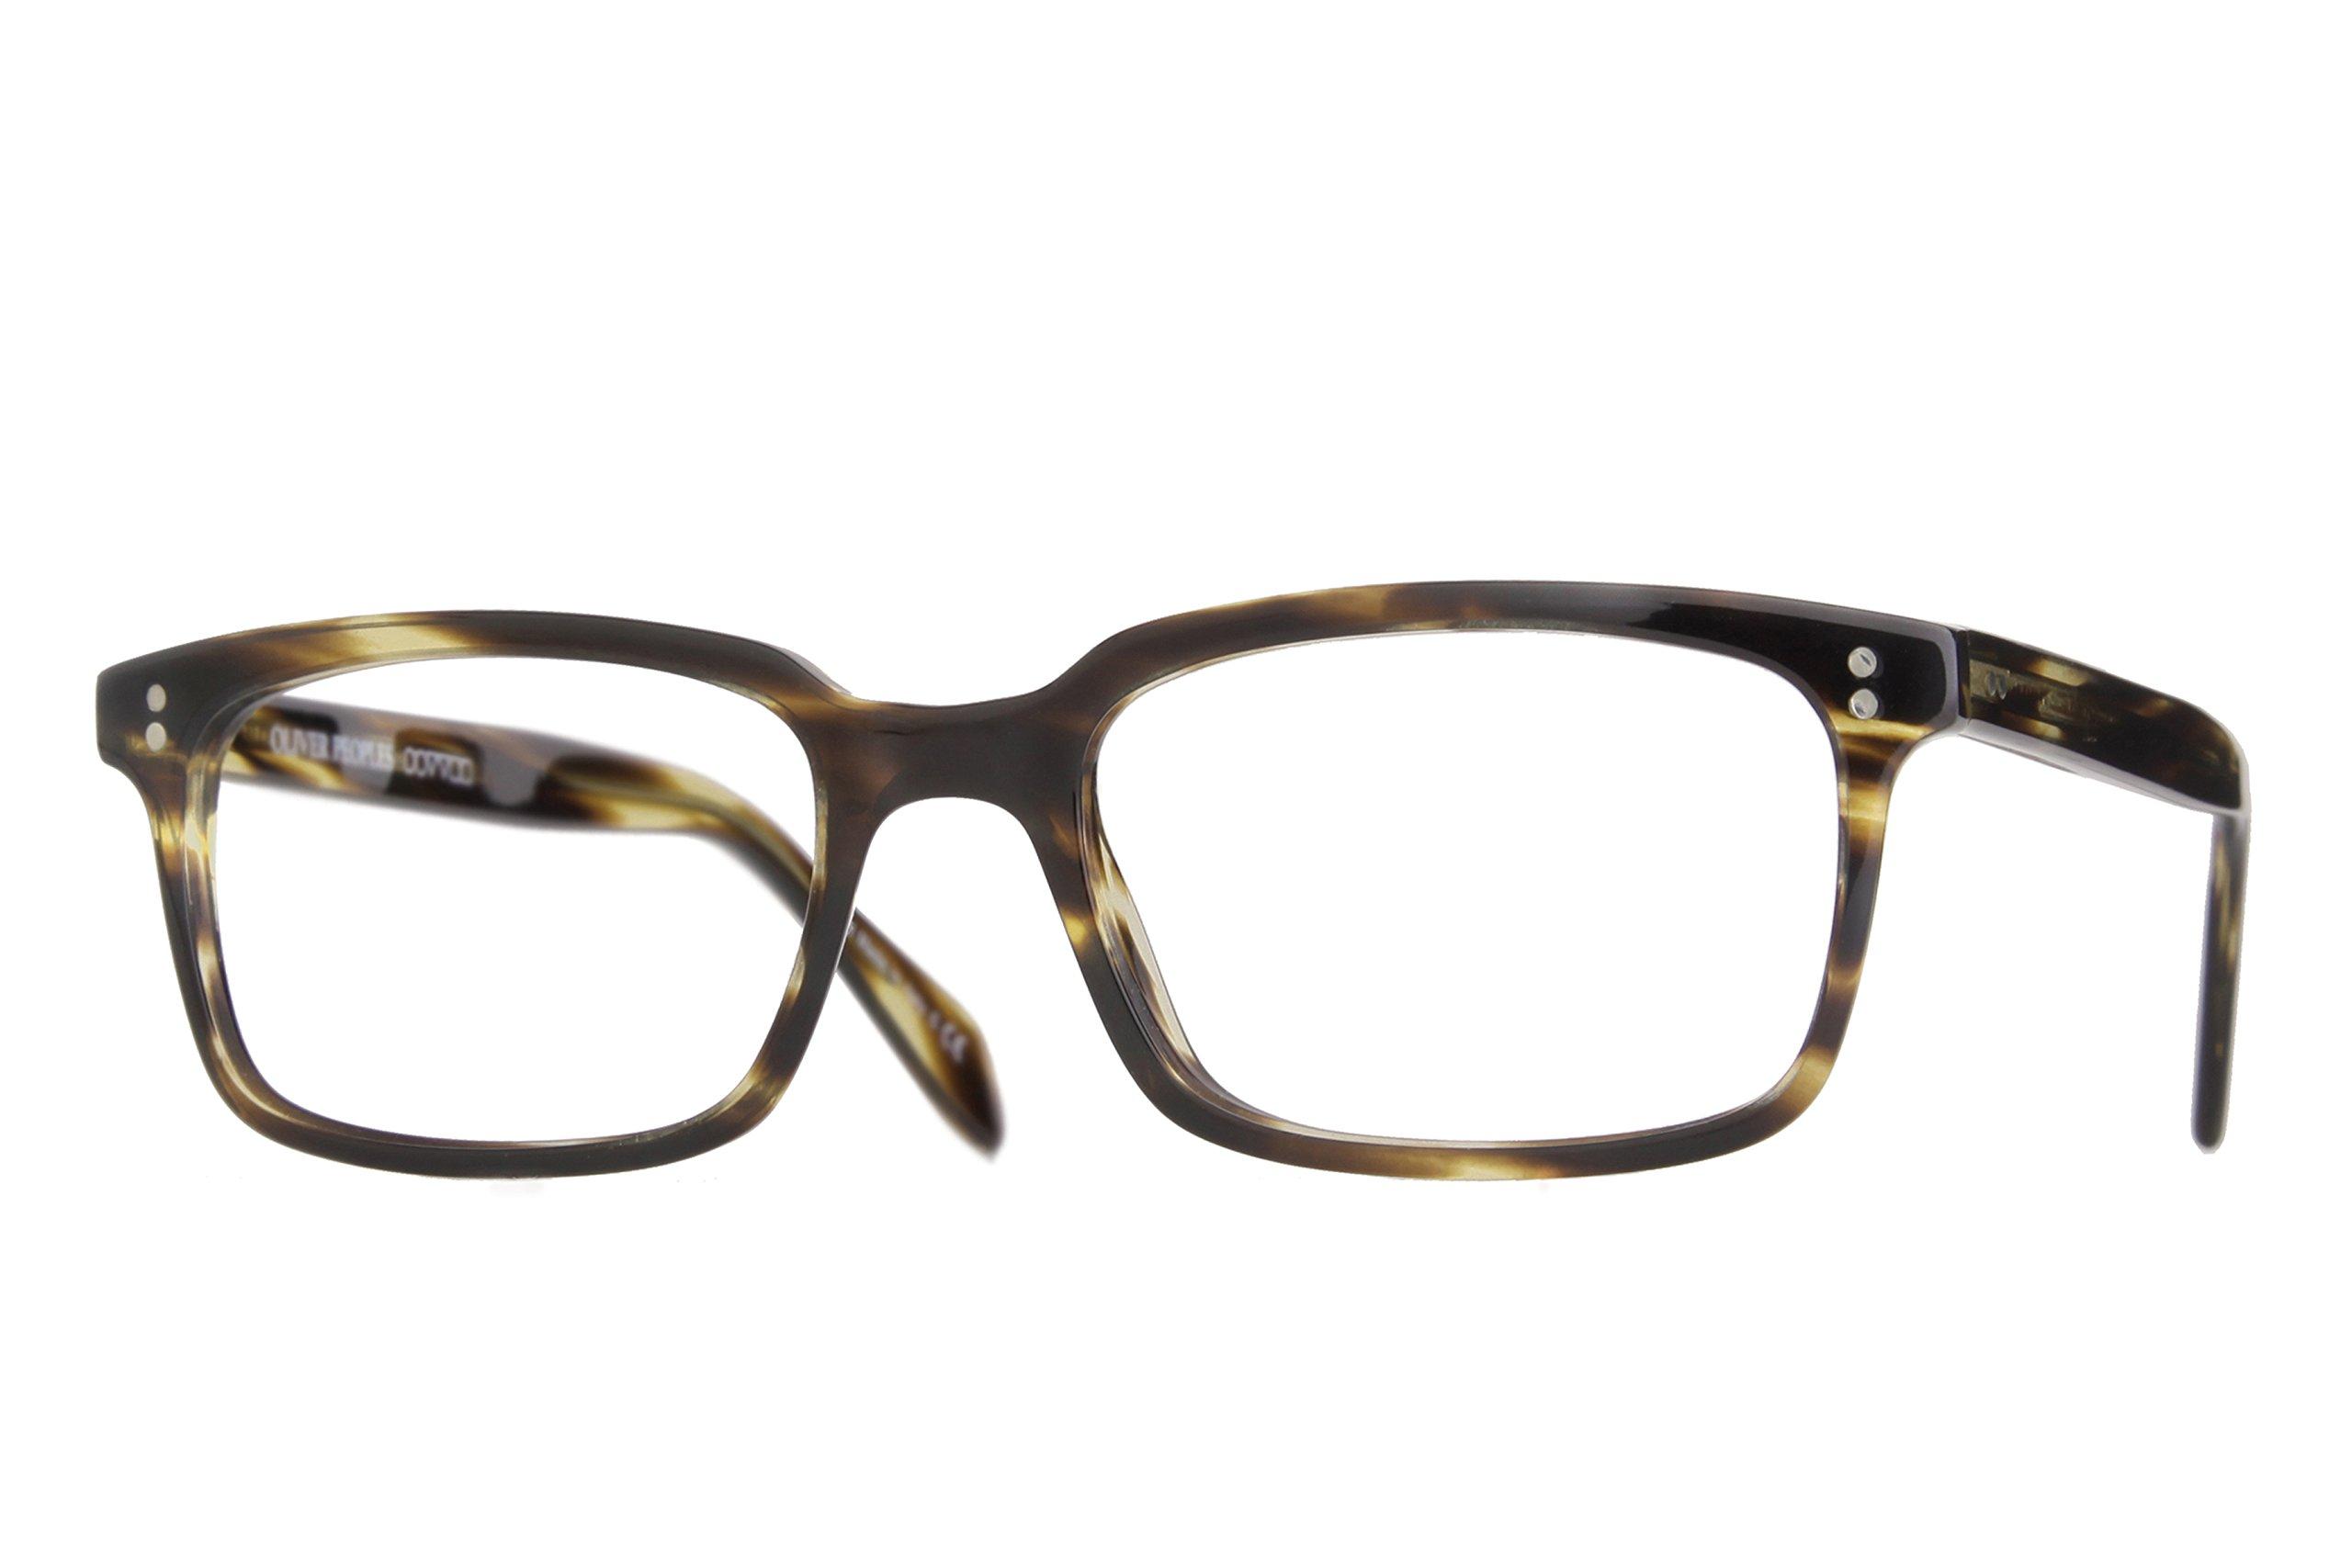 OLIVER PEOPLES DENISON color 1003 Eyeglasses by Oliver Peoples